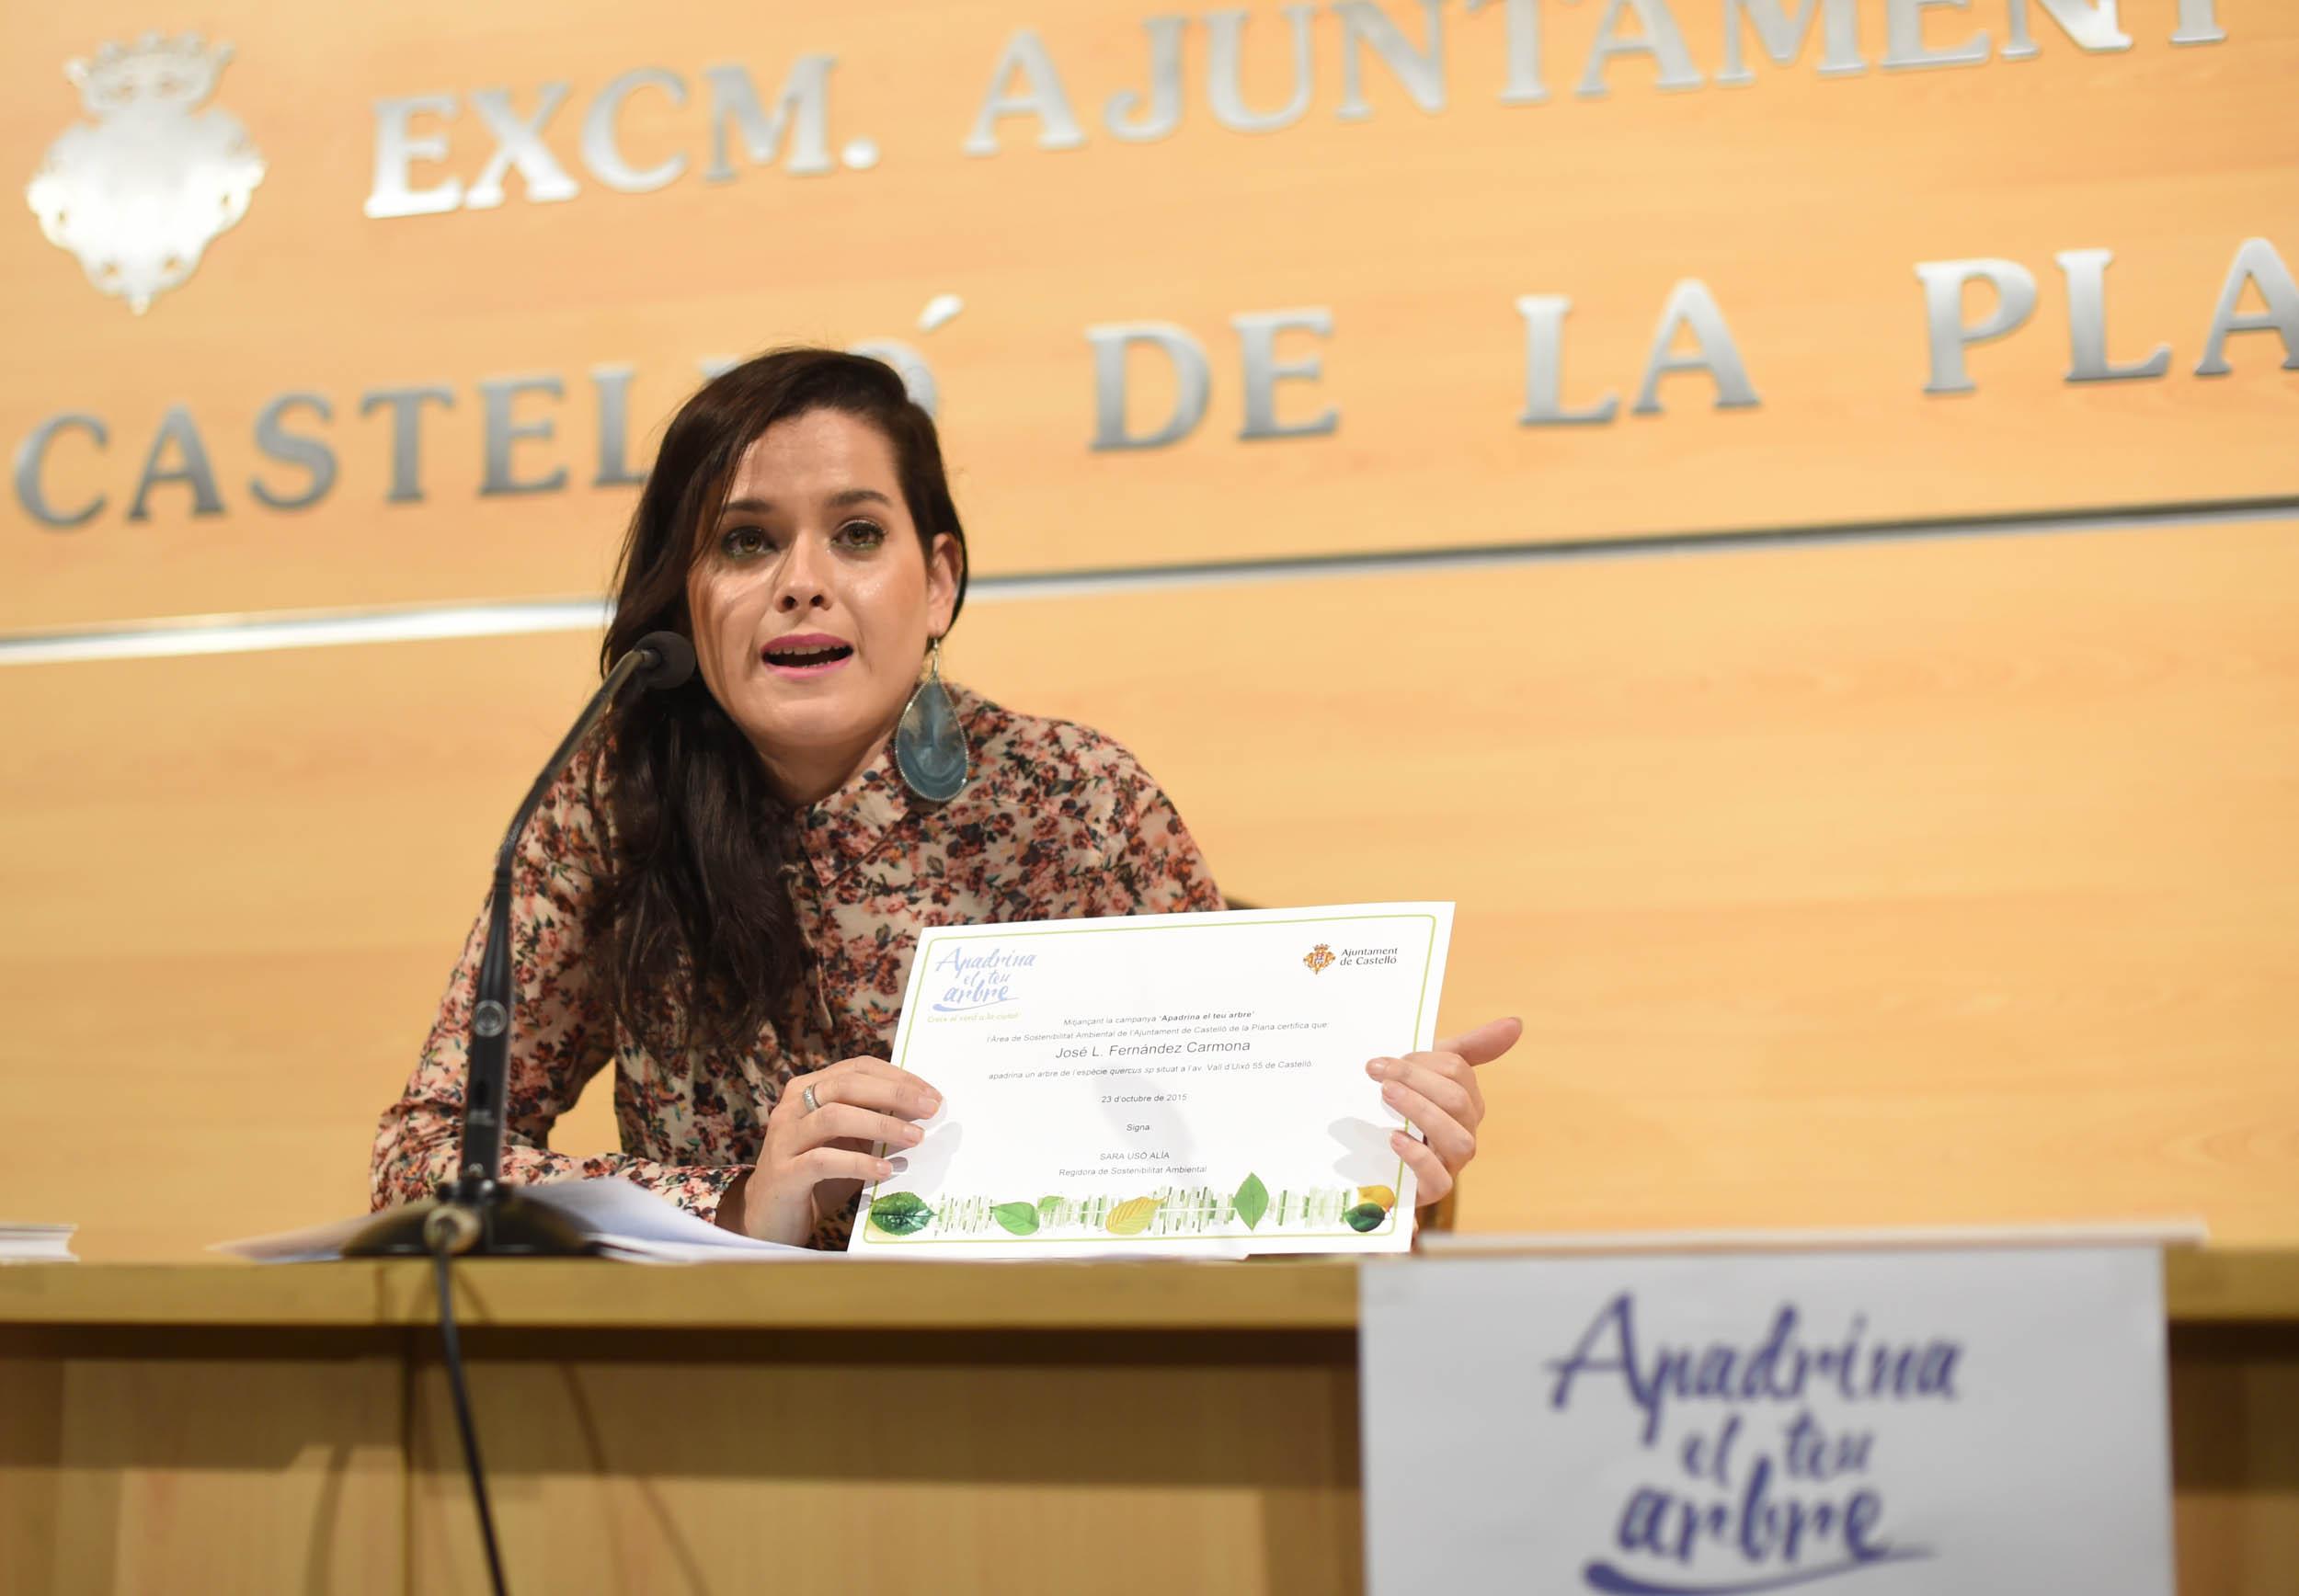 La Magdalena 2016 amplía la oferta gastronómica y de artesanía para llevar la fiesta a más barrios